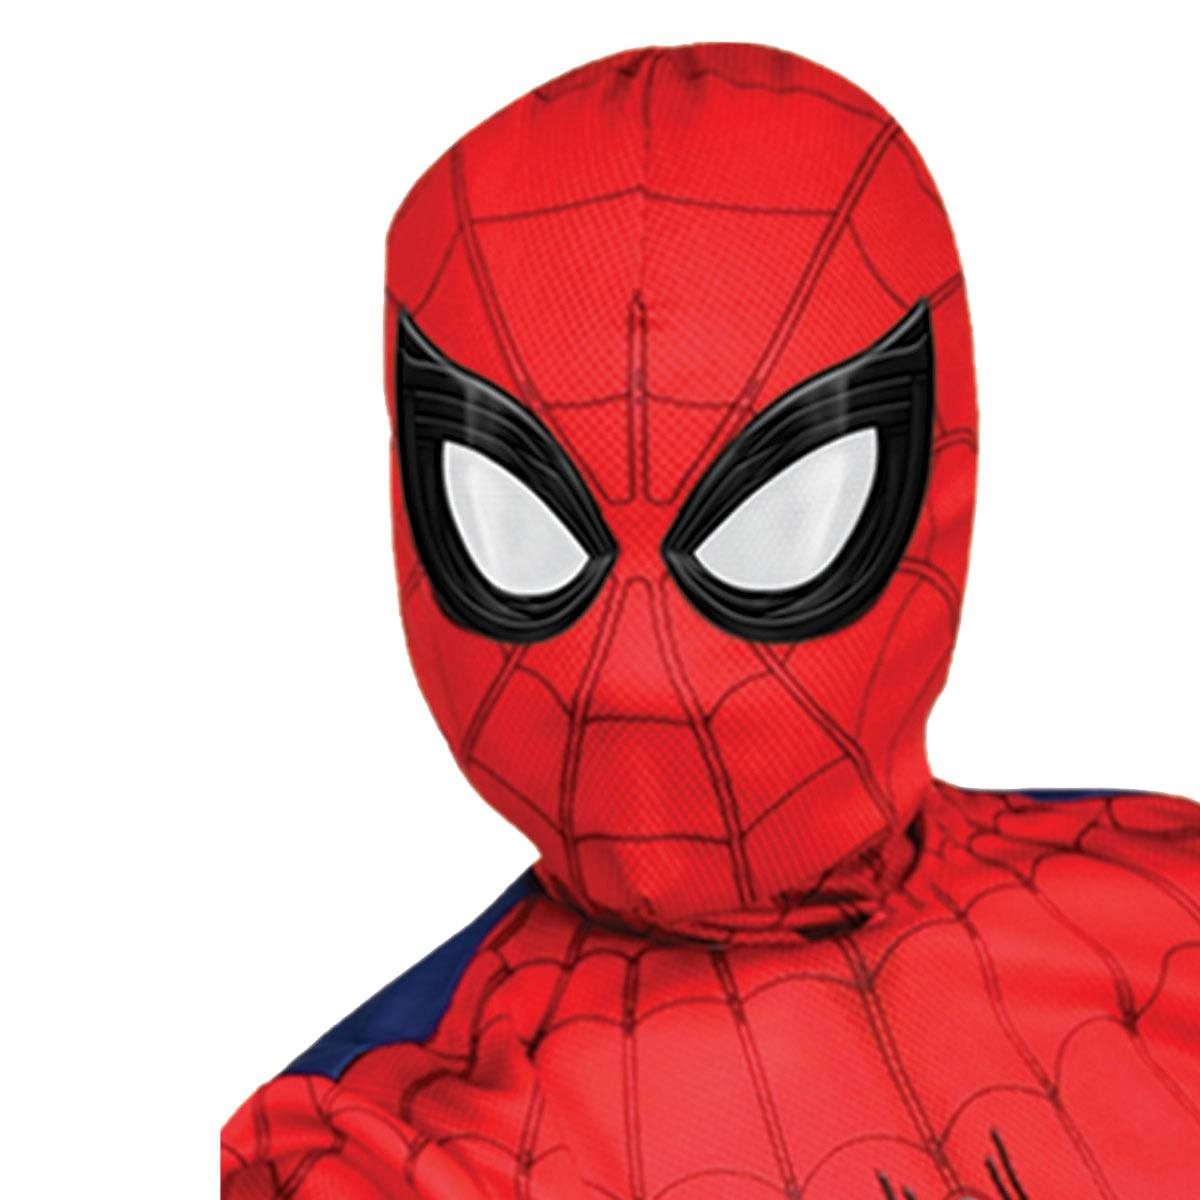 スパイダーマン マスク コスチューム 子供用 コスプレ ハロウィン Holloween Spider-Man